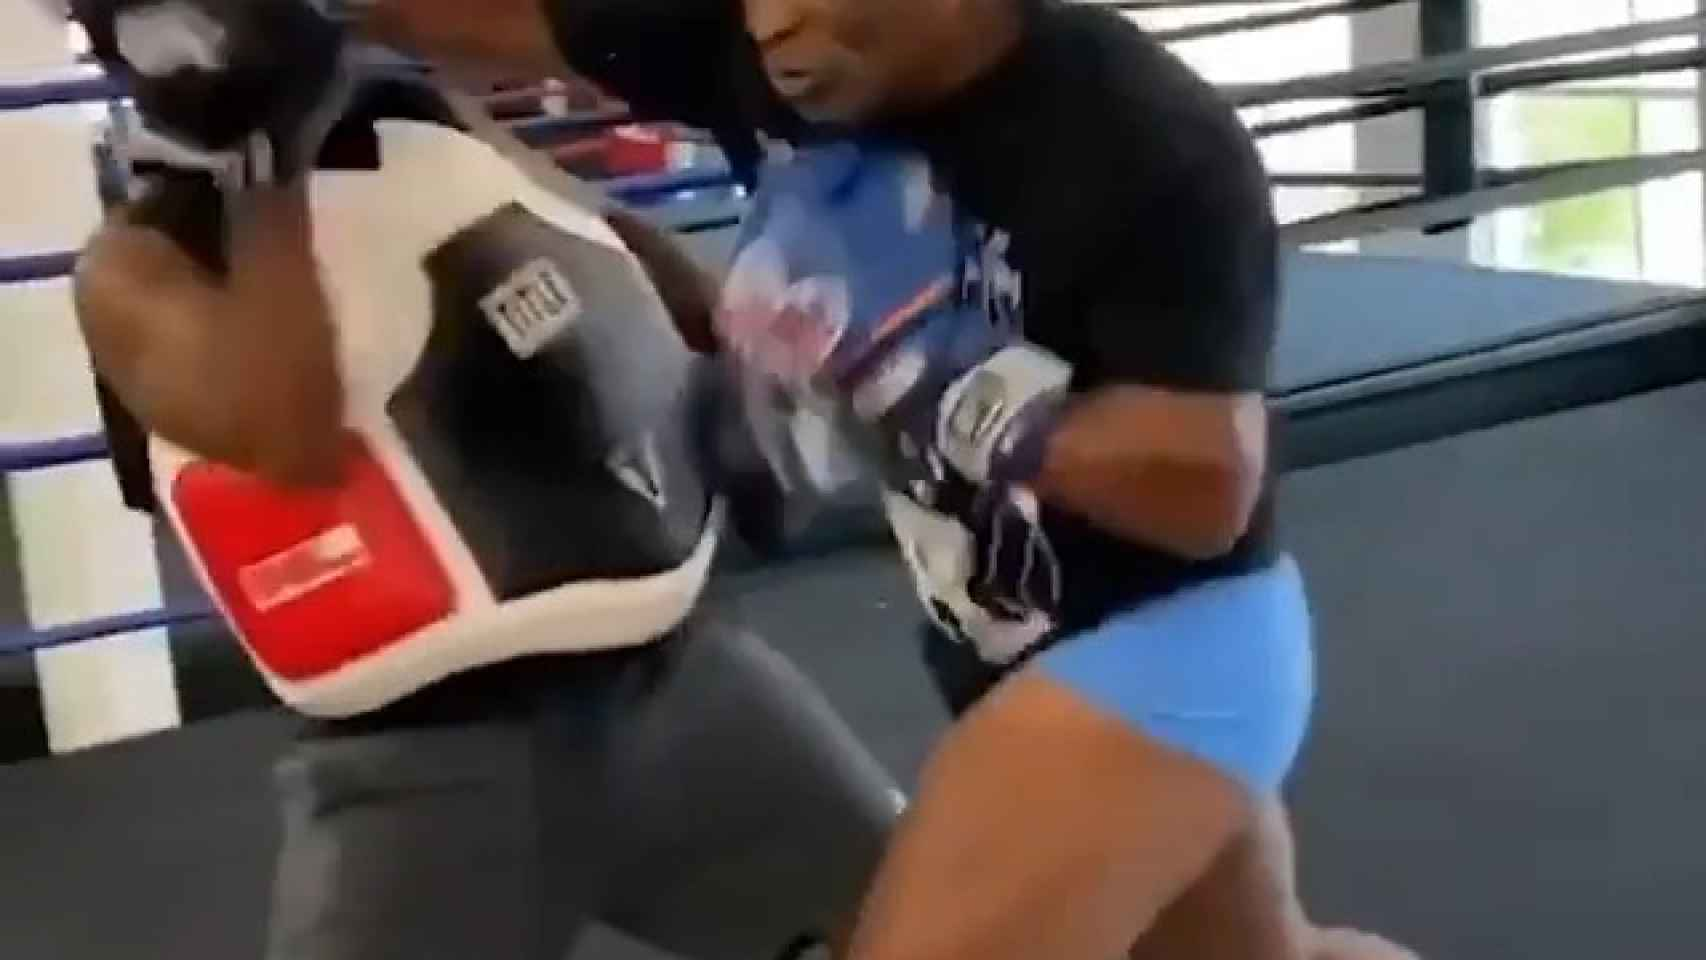 Mike Tyson deja KO a su entrenador tras un puñetazo letal... ¡e involuntario!